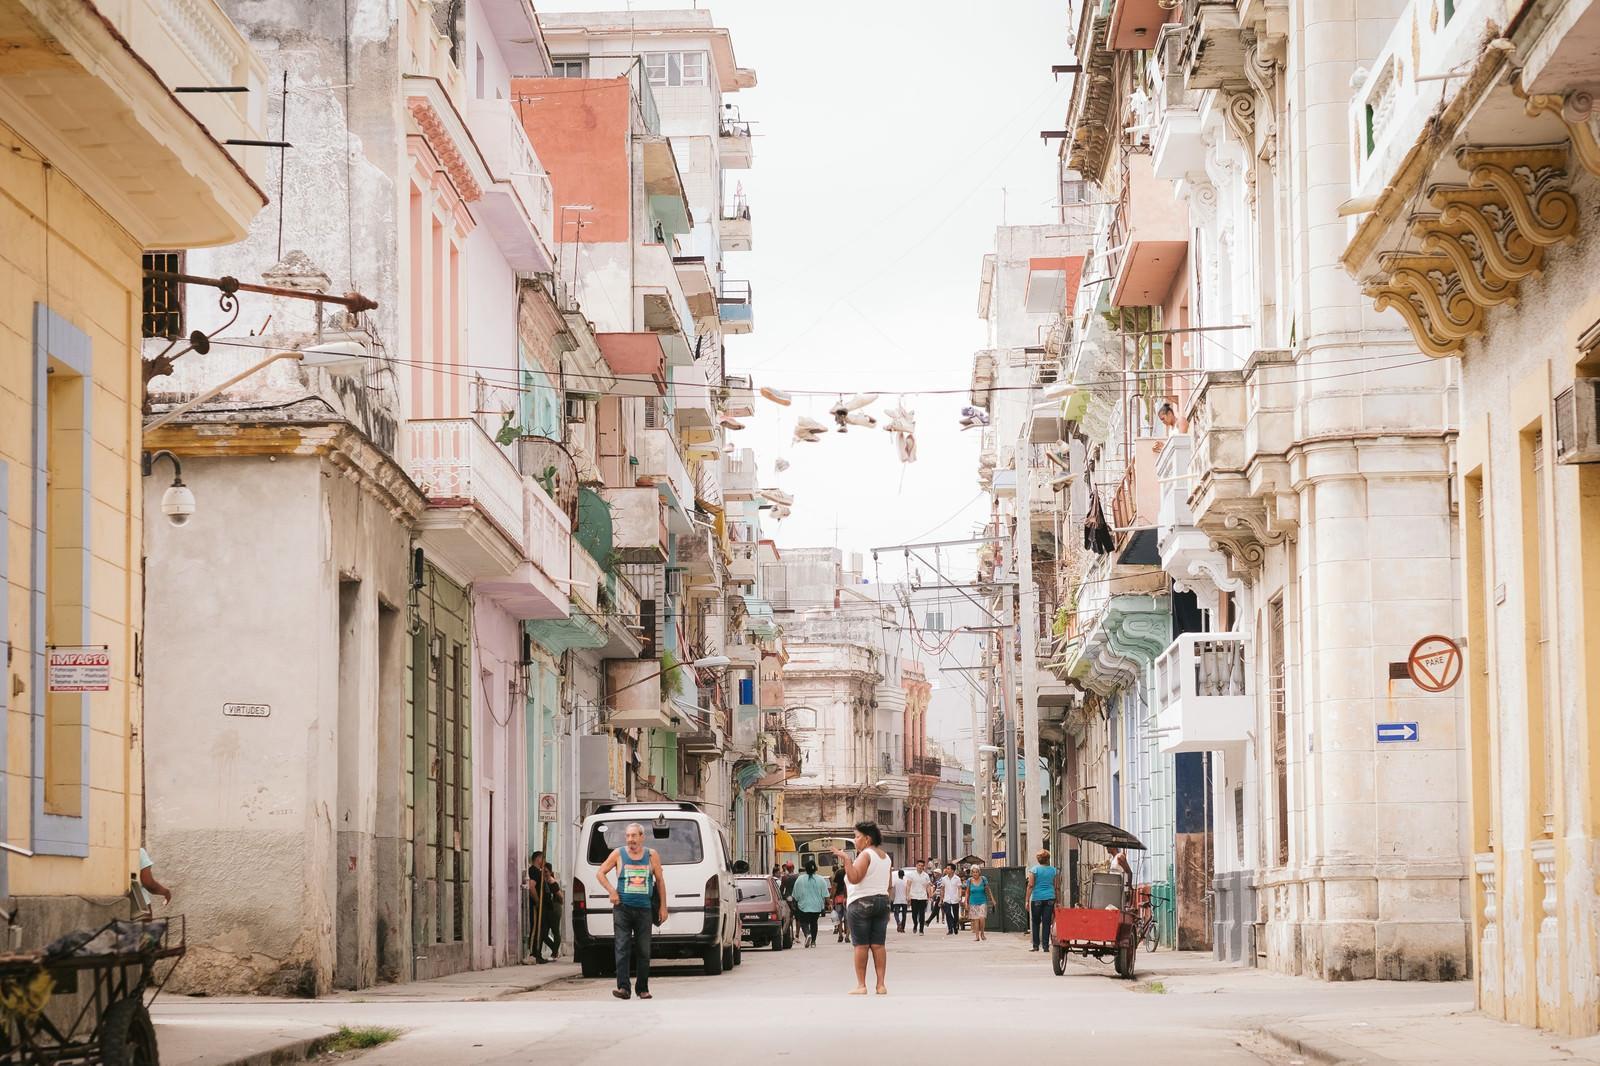 「フォトジェニックなハバナの街並みフォトジェニックなハバナの街並み」のフリー写真素材を拡大